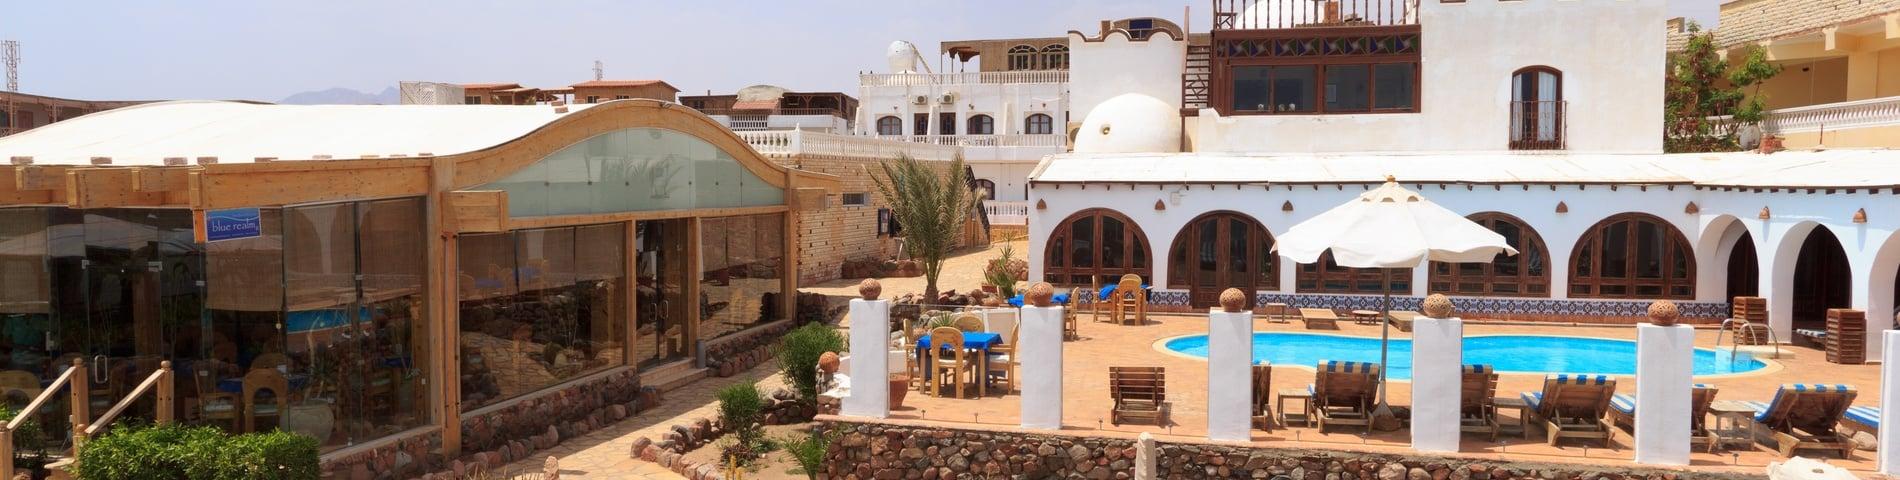 Blue Beach Club School Of Arabic Language foto 1